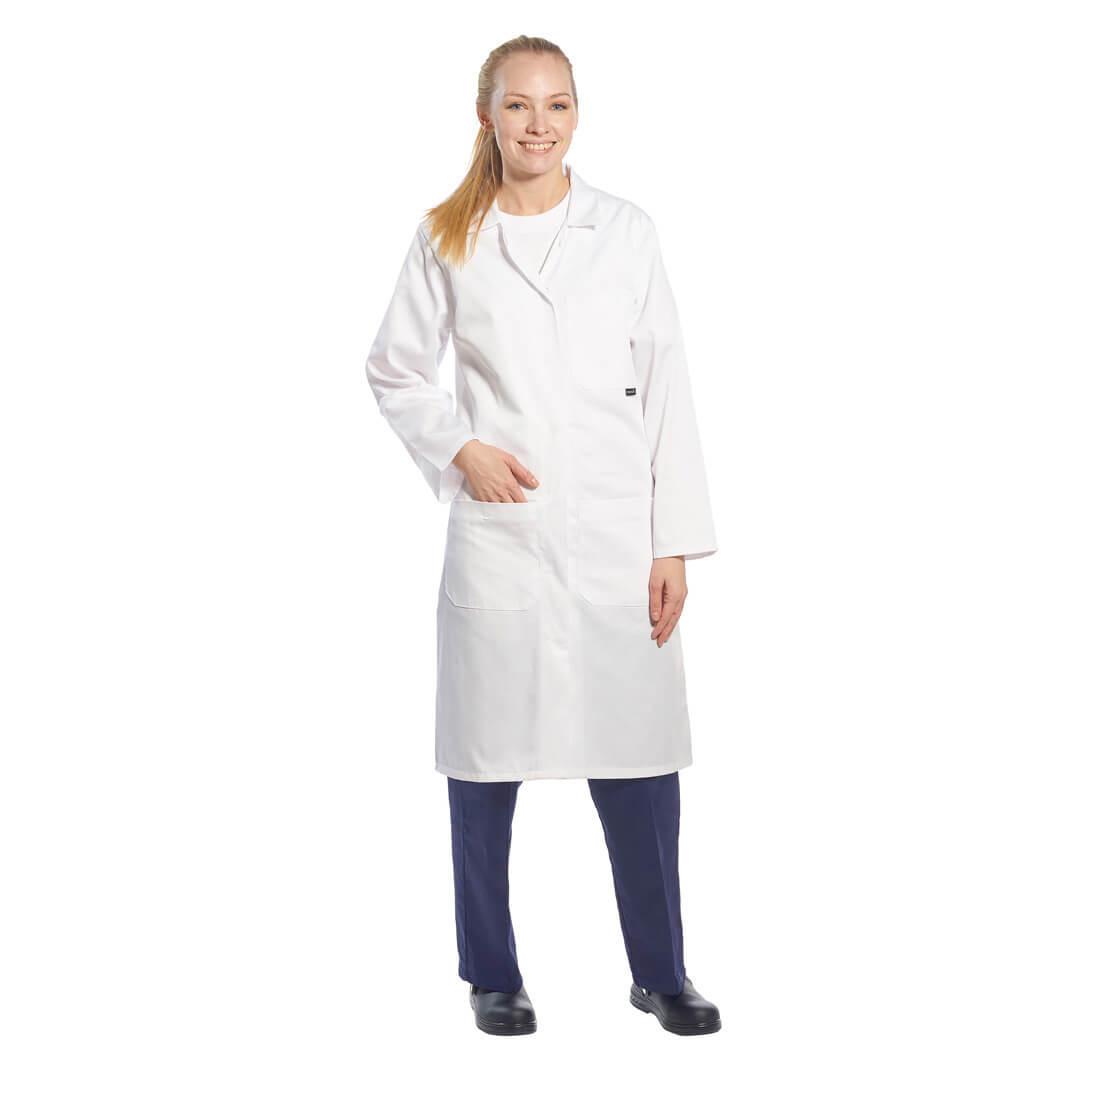 Halat de Dama Standard - Imbracaminte de protectie